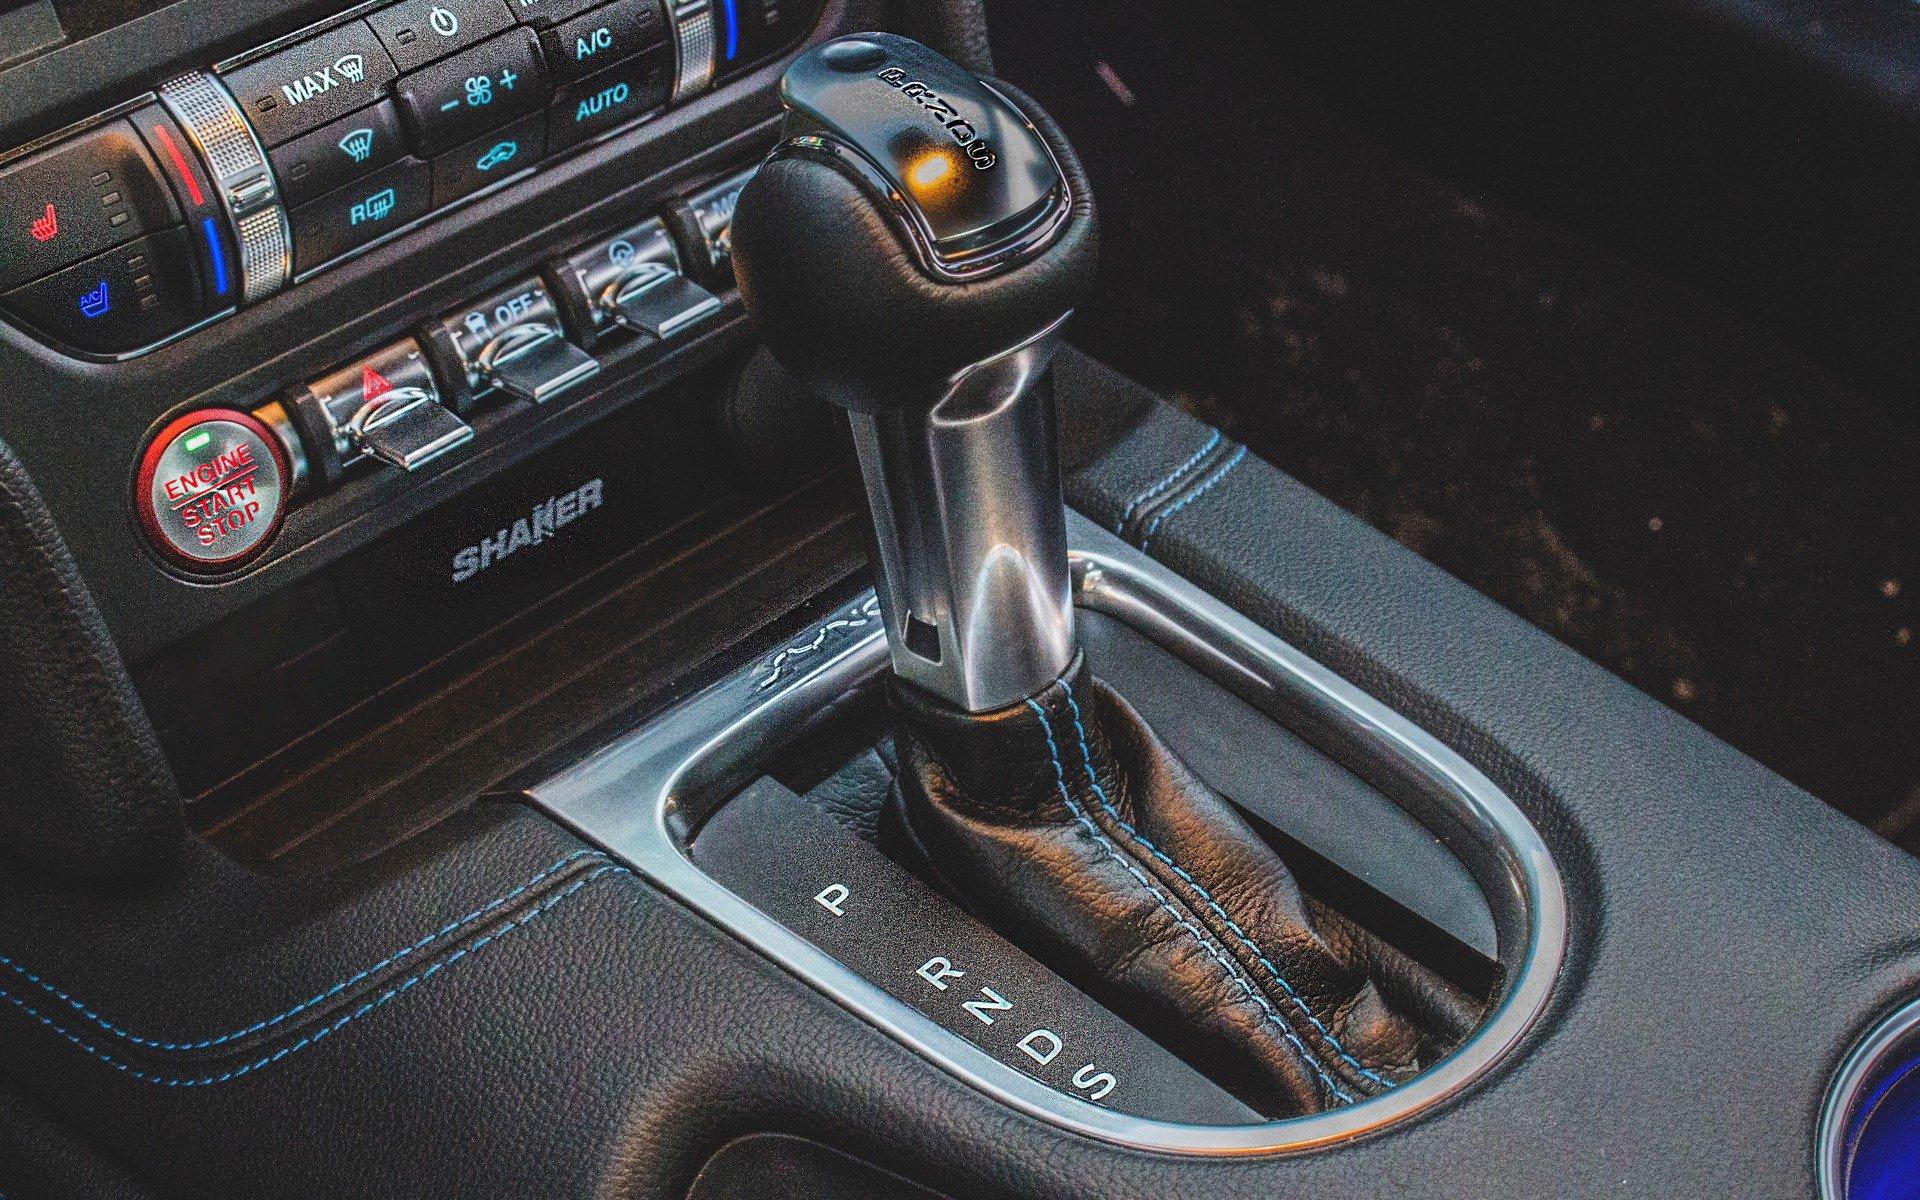 Форд обнародовала рекламное видео смаслкаром Форд Mustang 2018